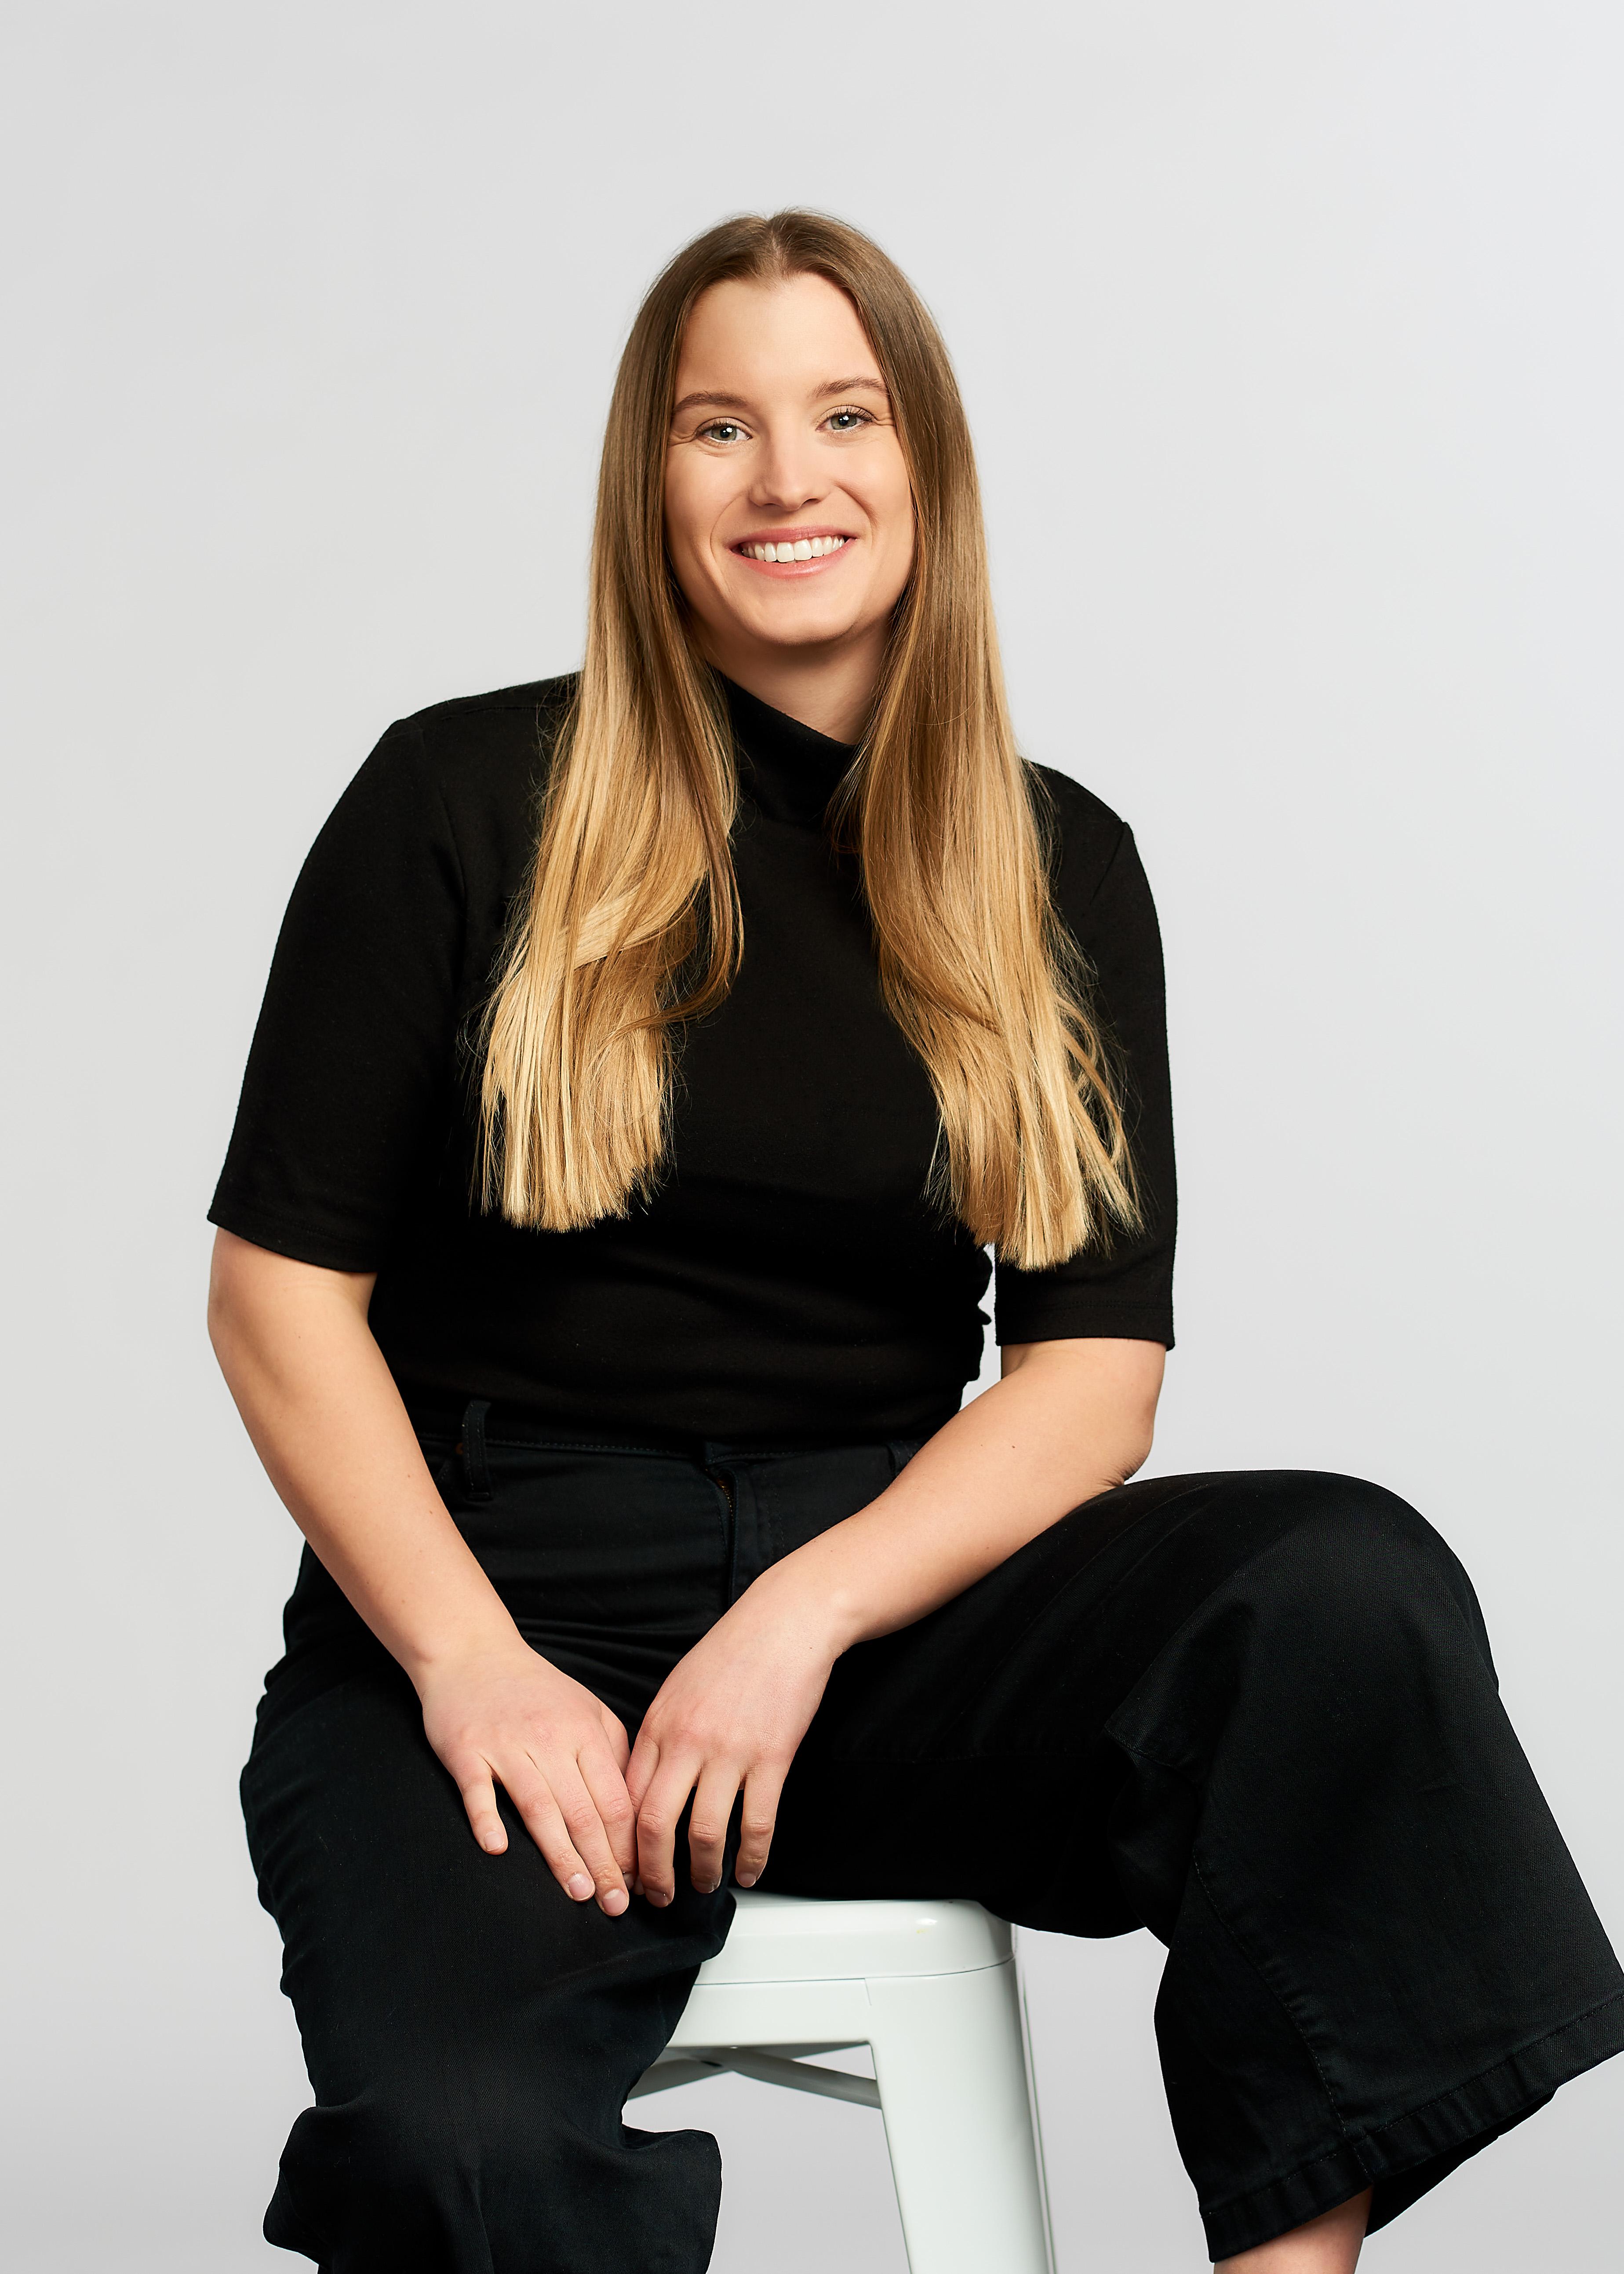 Anna Lambert